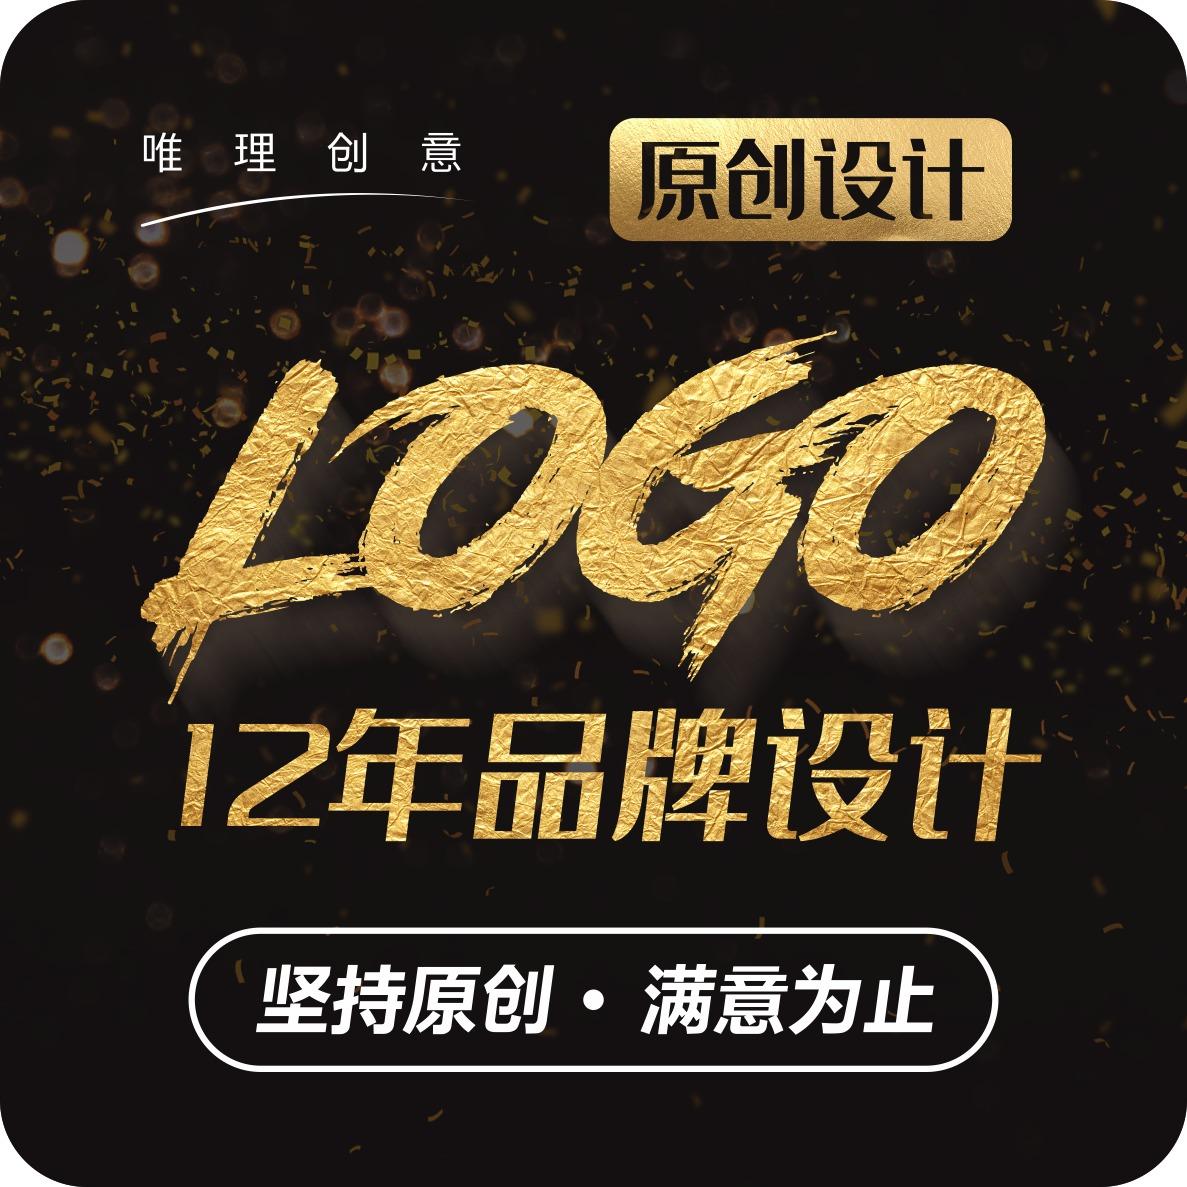 【高端设计】logo设计公司logo包装vi商标品牌标志设